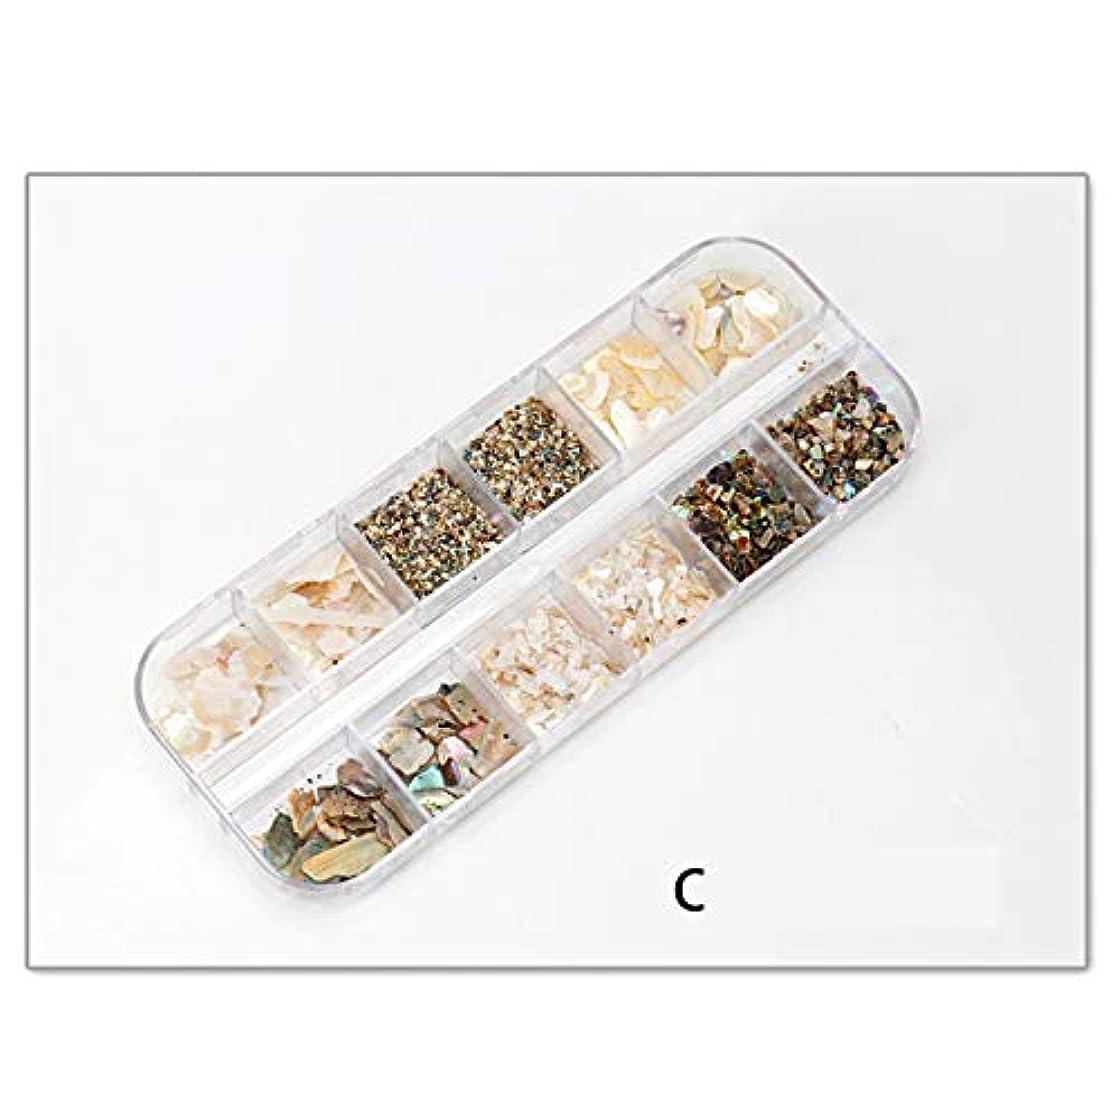 回転する概念テクトニックナチュラル 貝殻 グラジエント シェル ネイルパーツ ネイルデコ デコレーション 3色選べ (03)